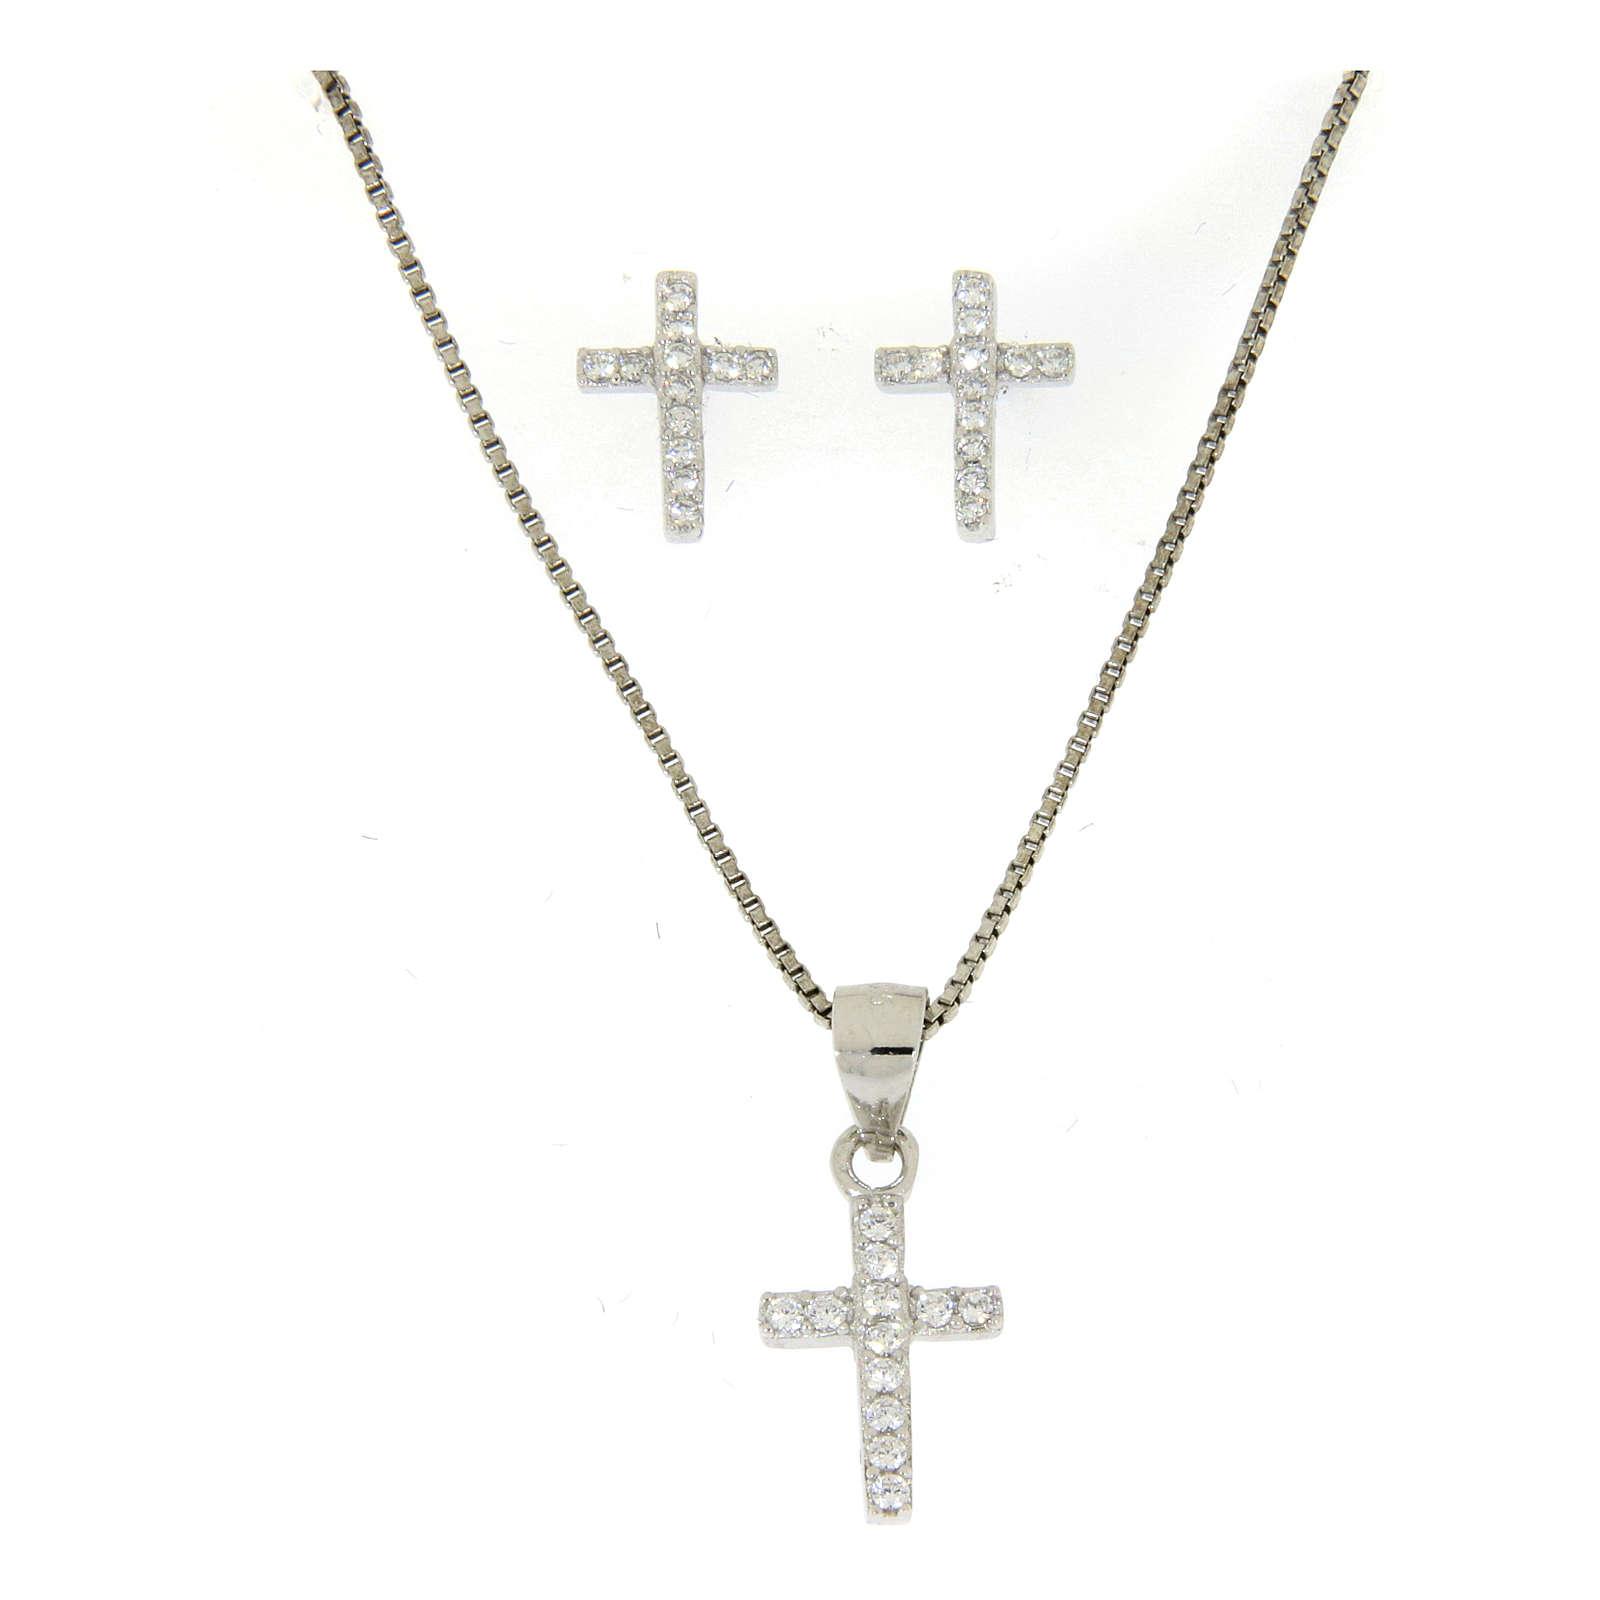 Aderezo plata 925: pendientes, cadena colgante y cruz zircón blanco 4